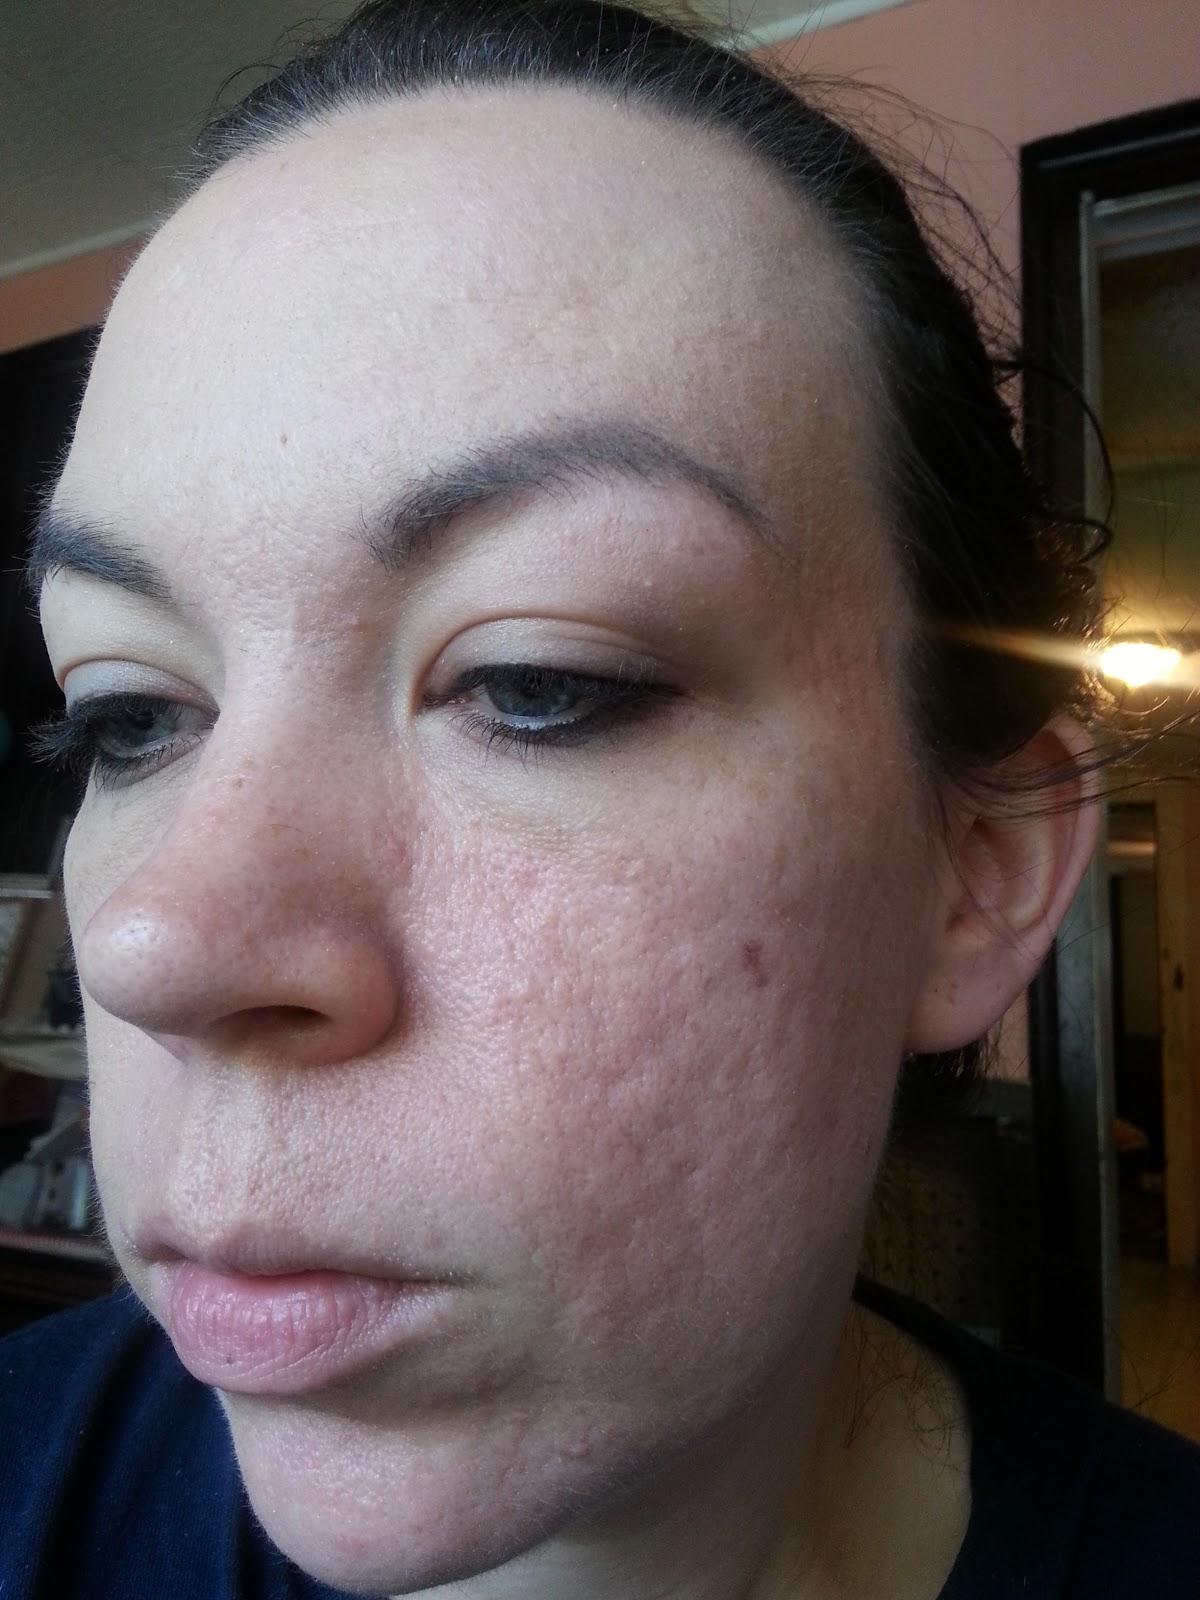 Makeup Looks Cakey Up Close - Mugeek Vidalondon